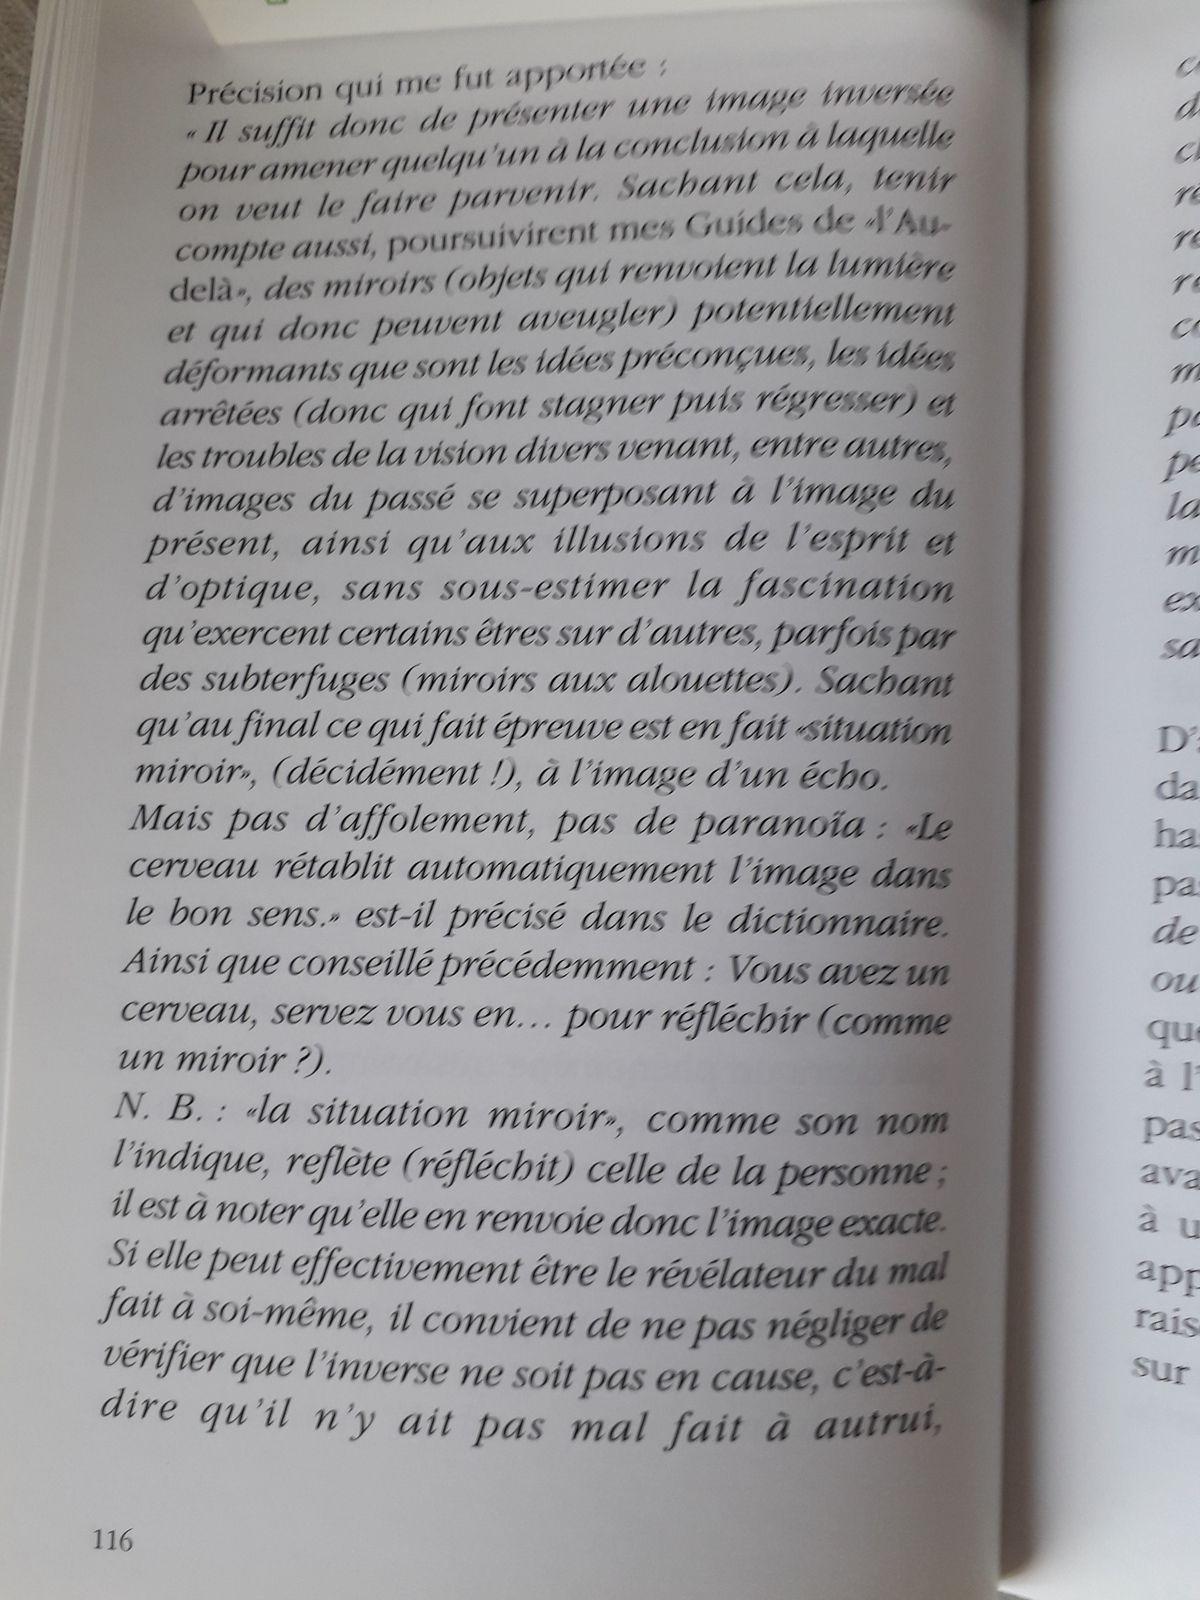 Suite Pluie de Poussières d'Etoiles, page 116 à 121